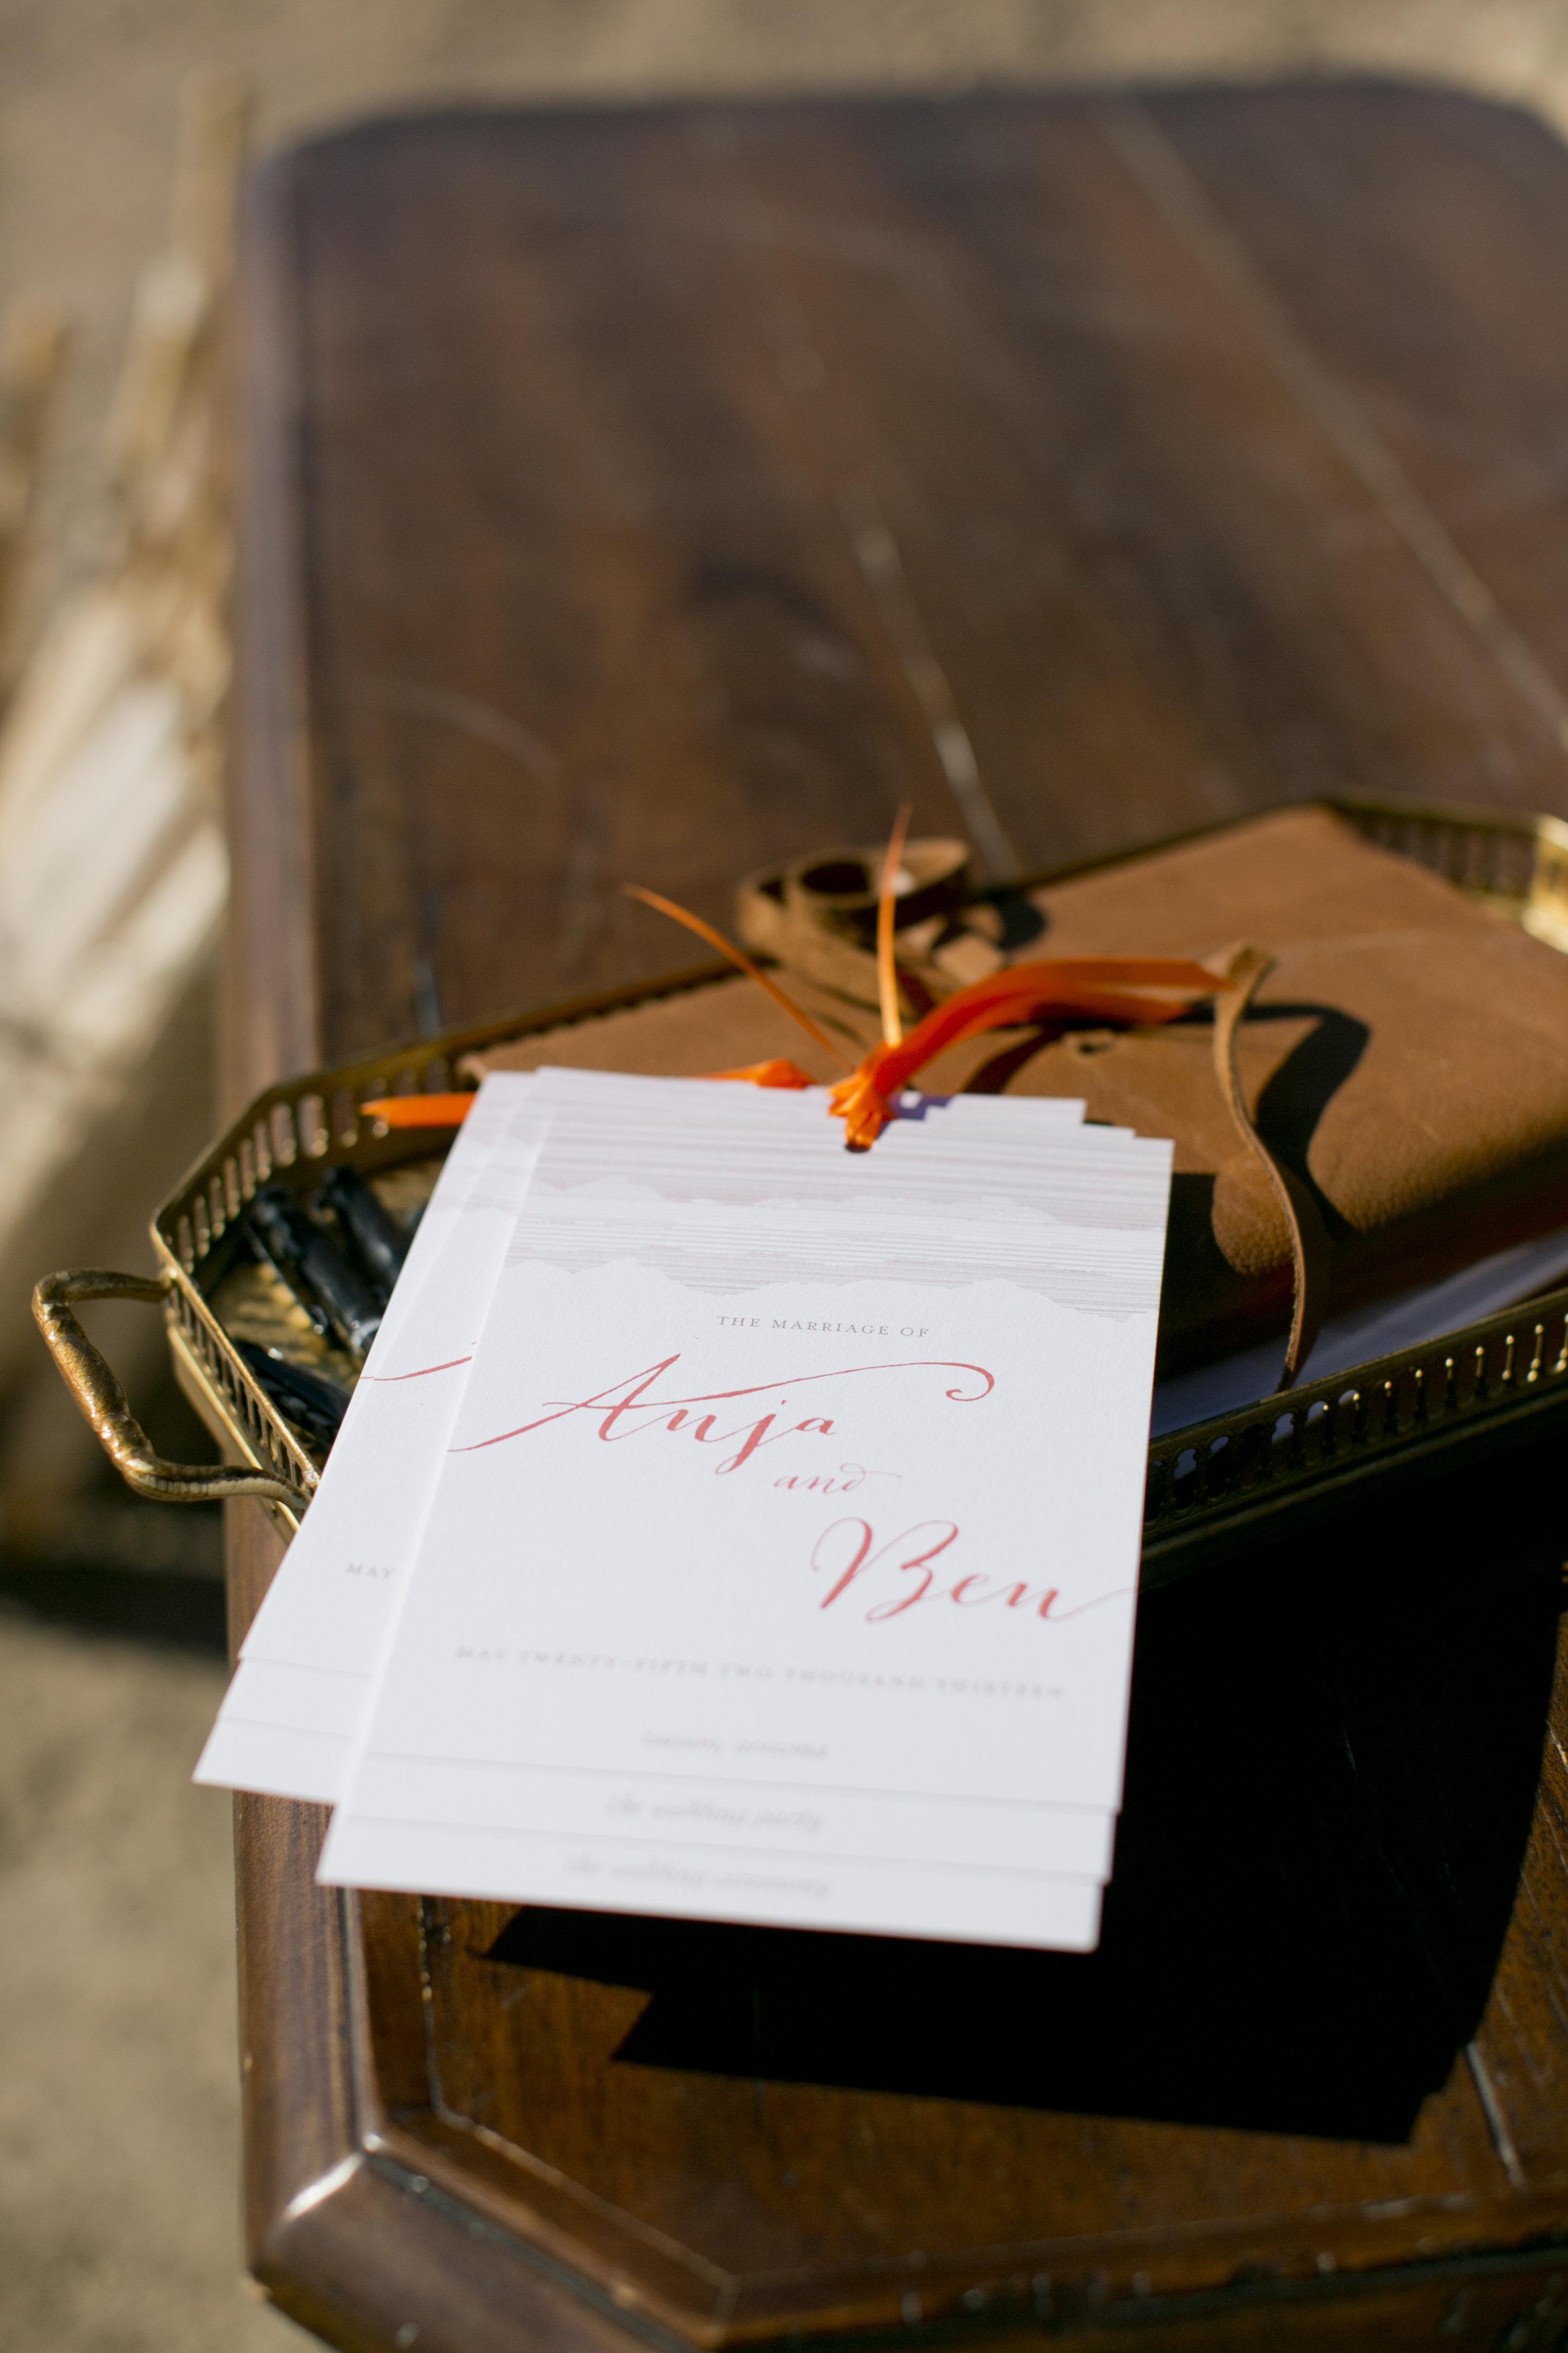 Ceci_New_York_Ceci_Style_Ceci_Johnson_Luxury_Lifestyle_Arizona_Wedding_Watercolor_Inspiration_Design_Custom_Couture_Personalized_Invitations_86.jpg